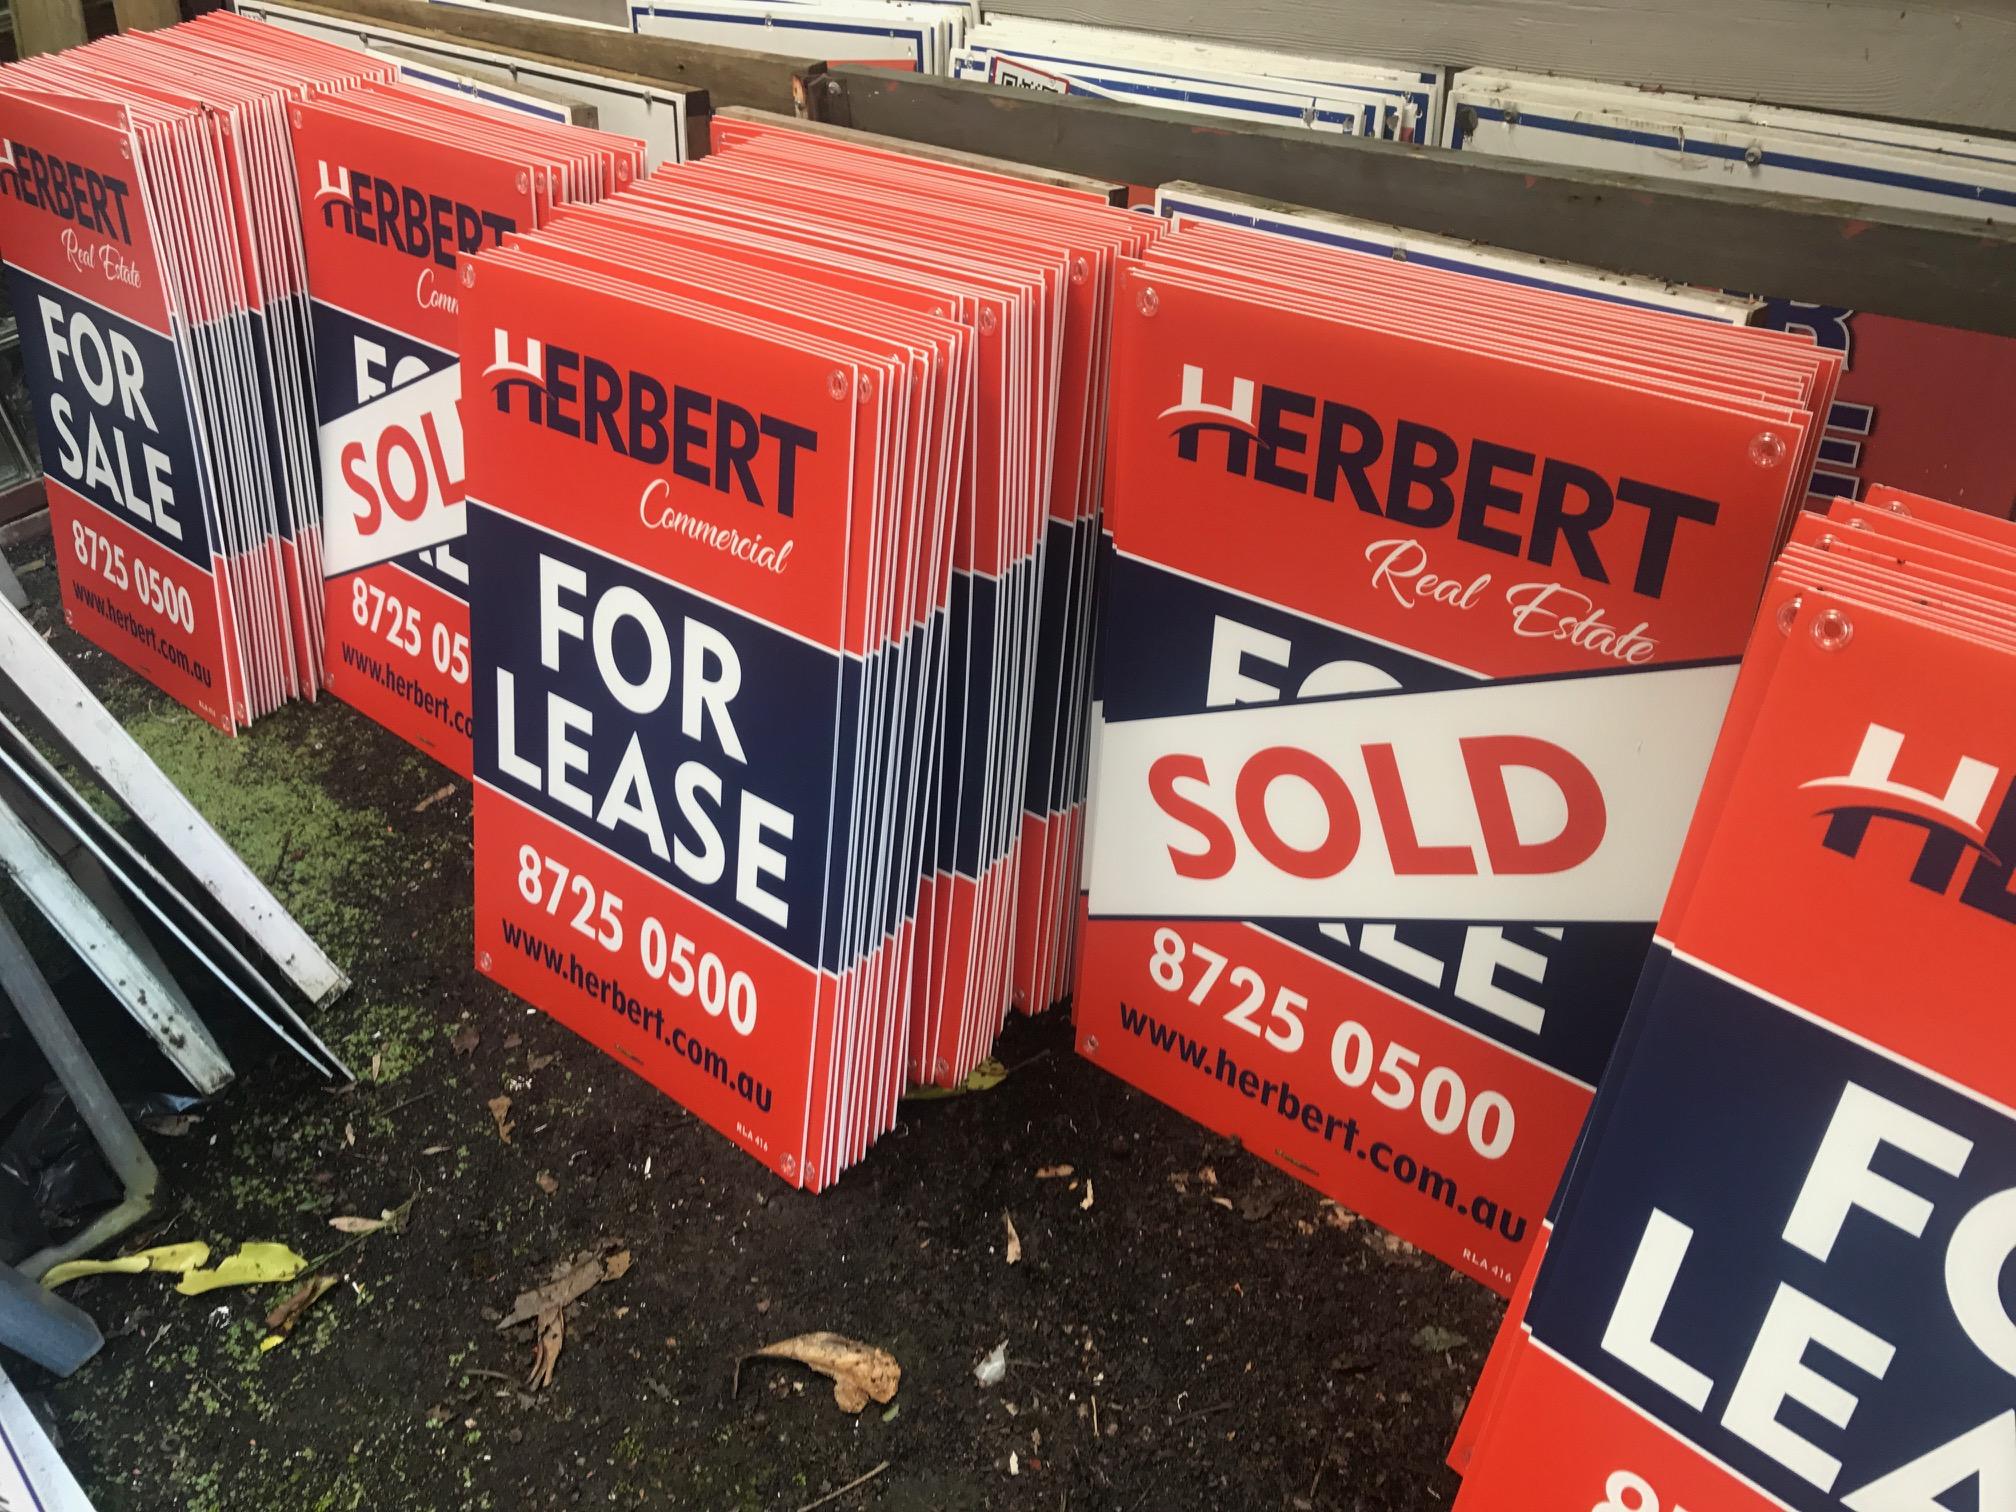 Herbert Real Estate Corflute Signs